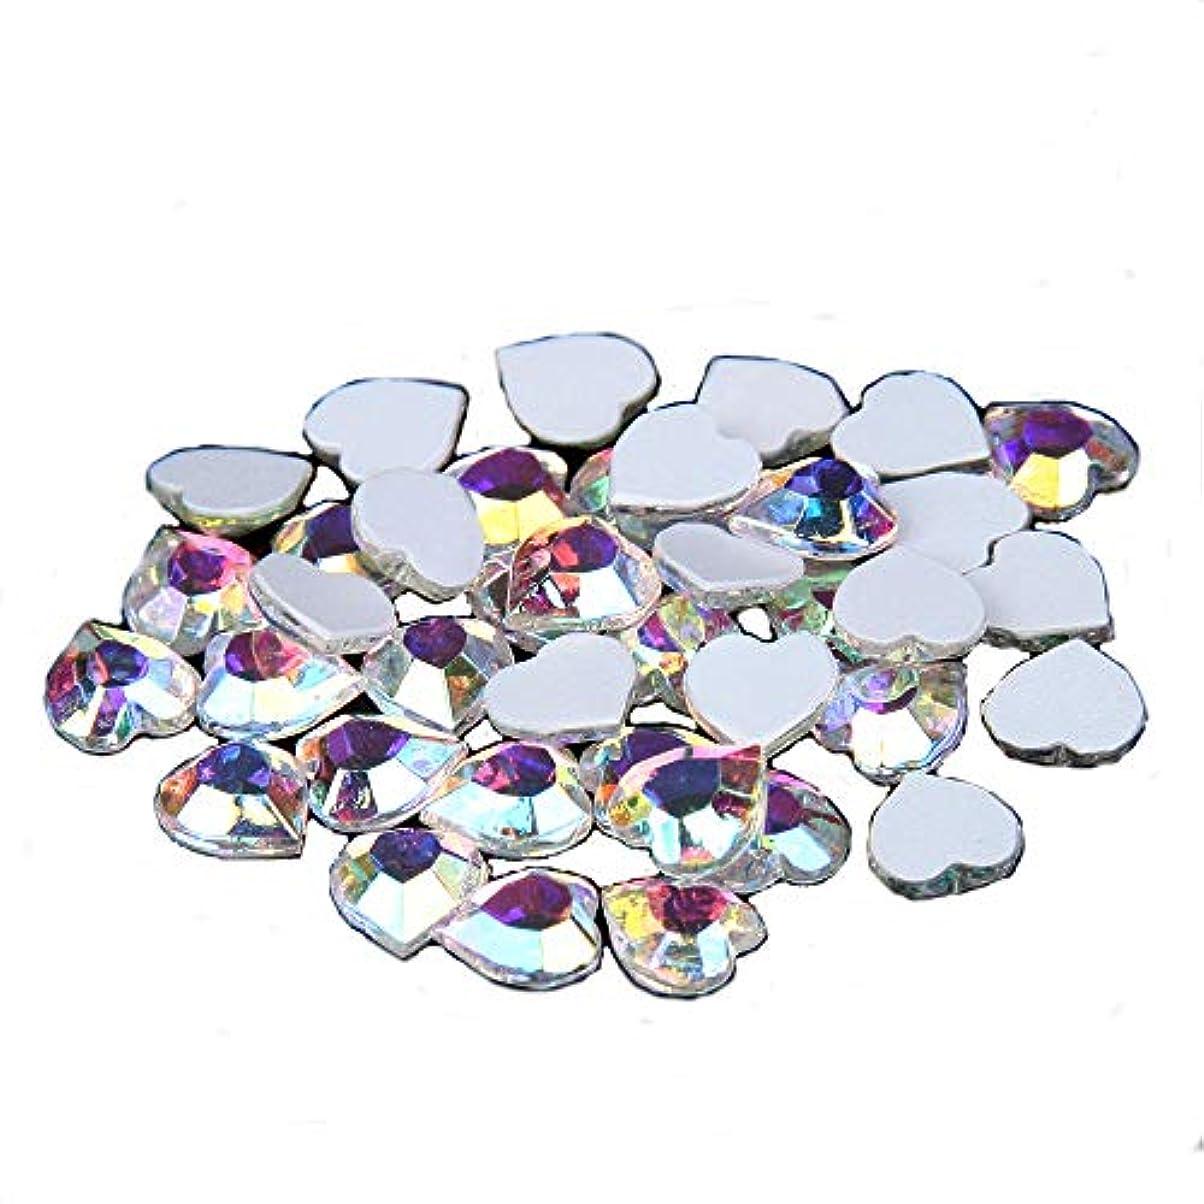 まともなインチハプニングNizi ジュエリー ブランド 50粒ガラスネイルアート用品 ネイルステッカー DIY 装飾用 クリスタルオーロラ 多くのスタイル (ハート 5x5.5mm)